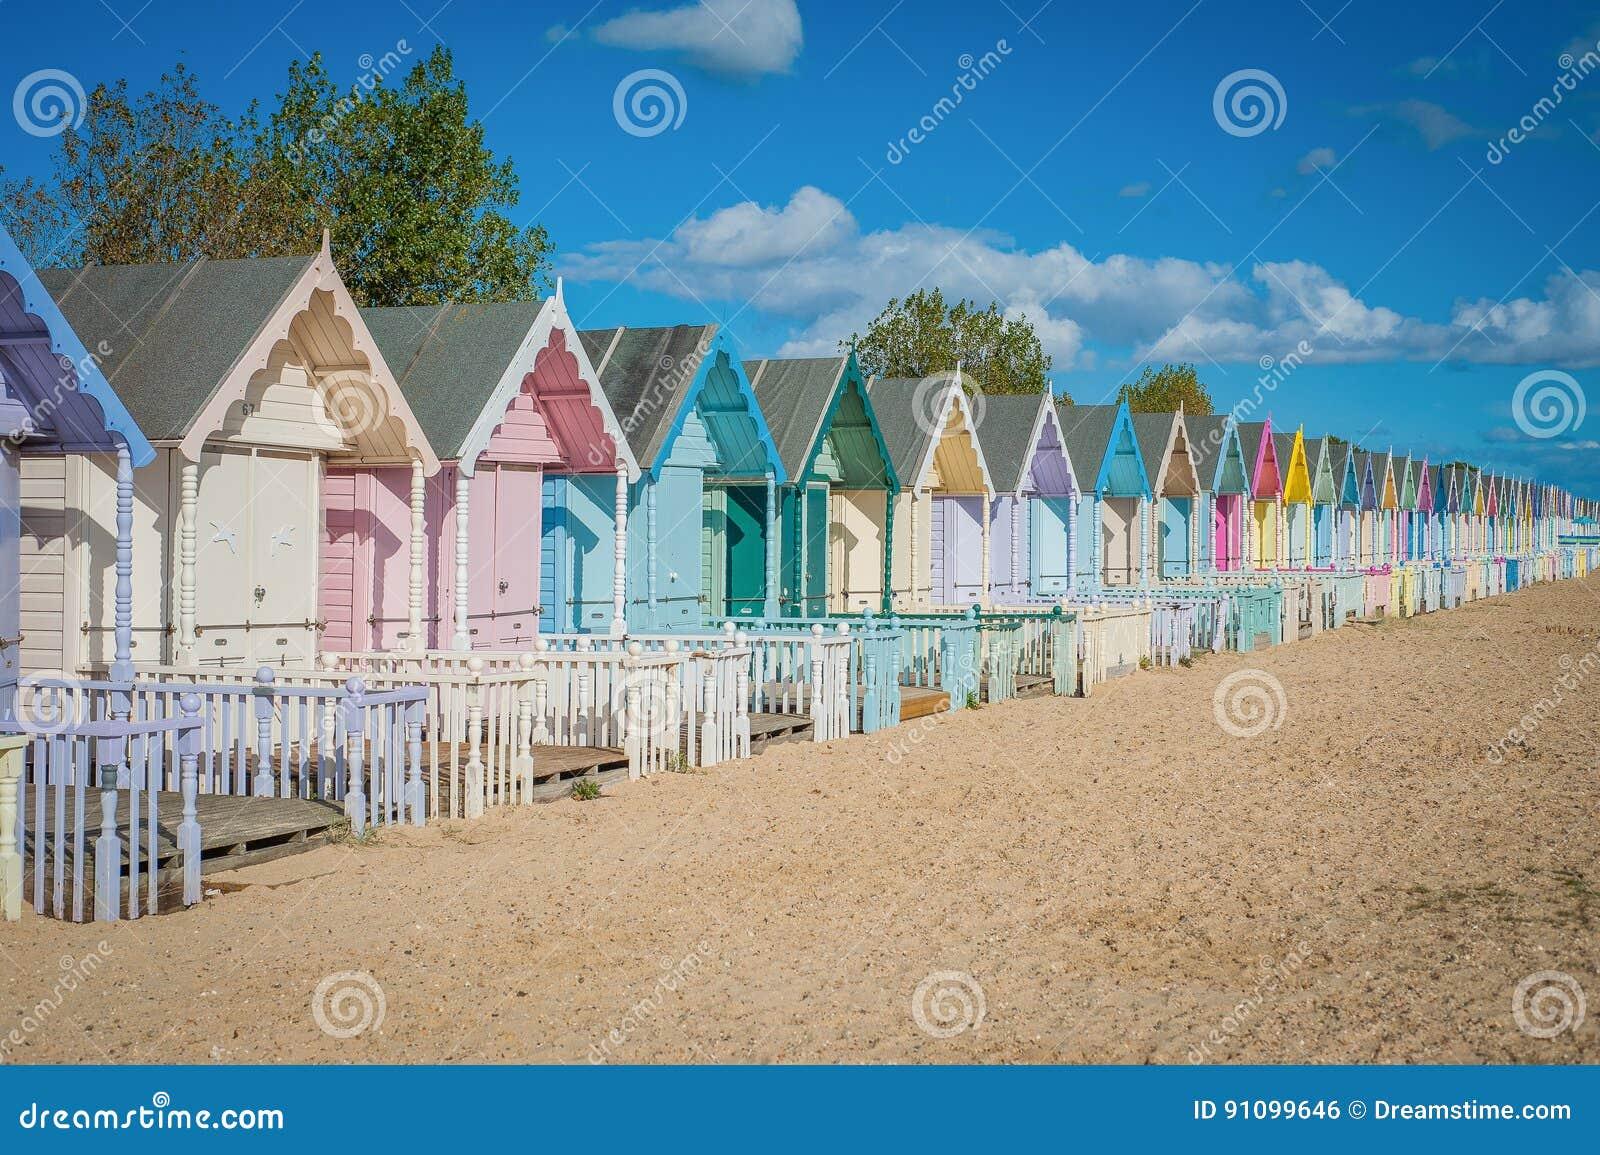 Bunte Häuser 2016 Vereinigten Königreichs Mersea auf dem schönen breiten Strand der Küste mit interessanten Gebäuden